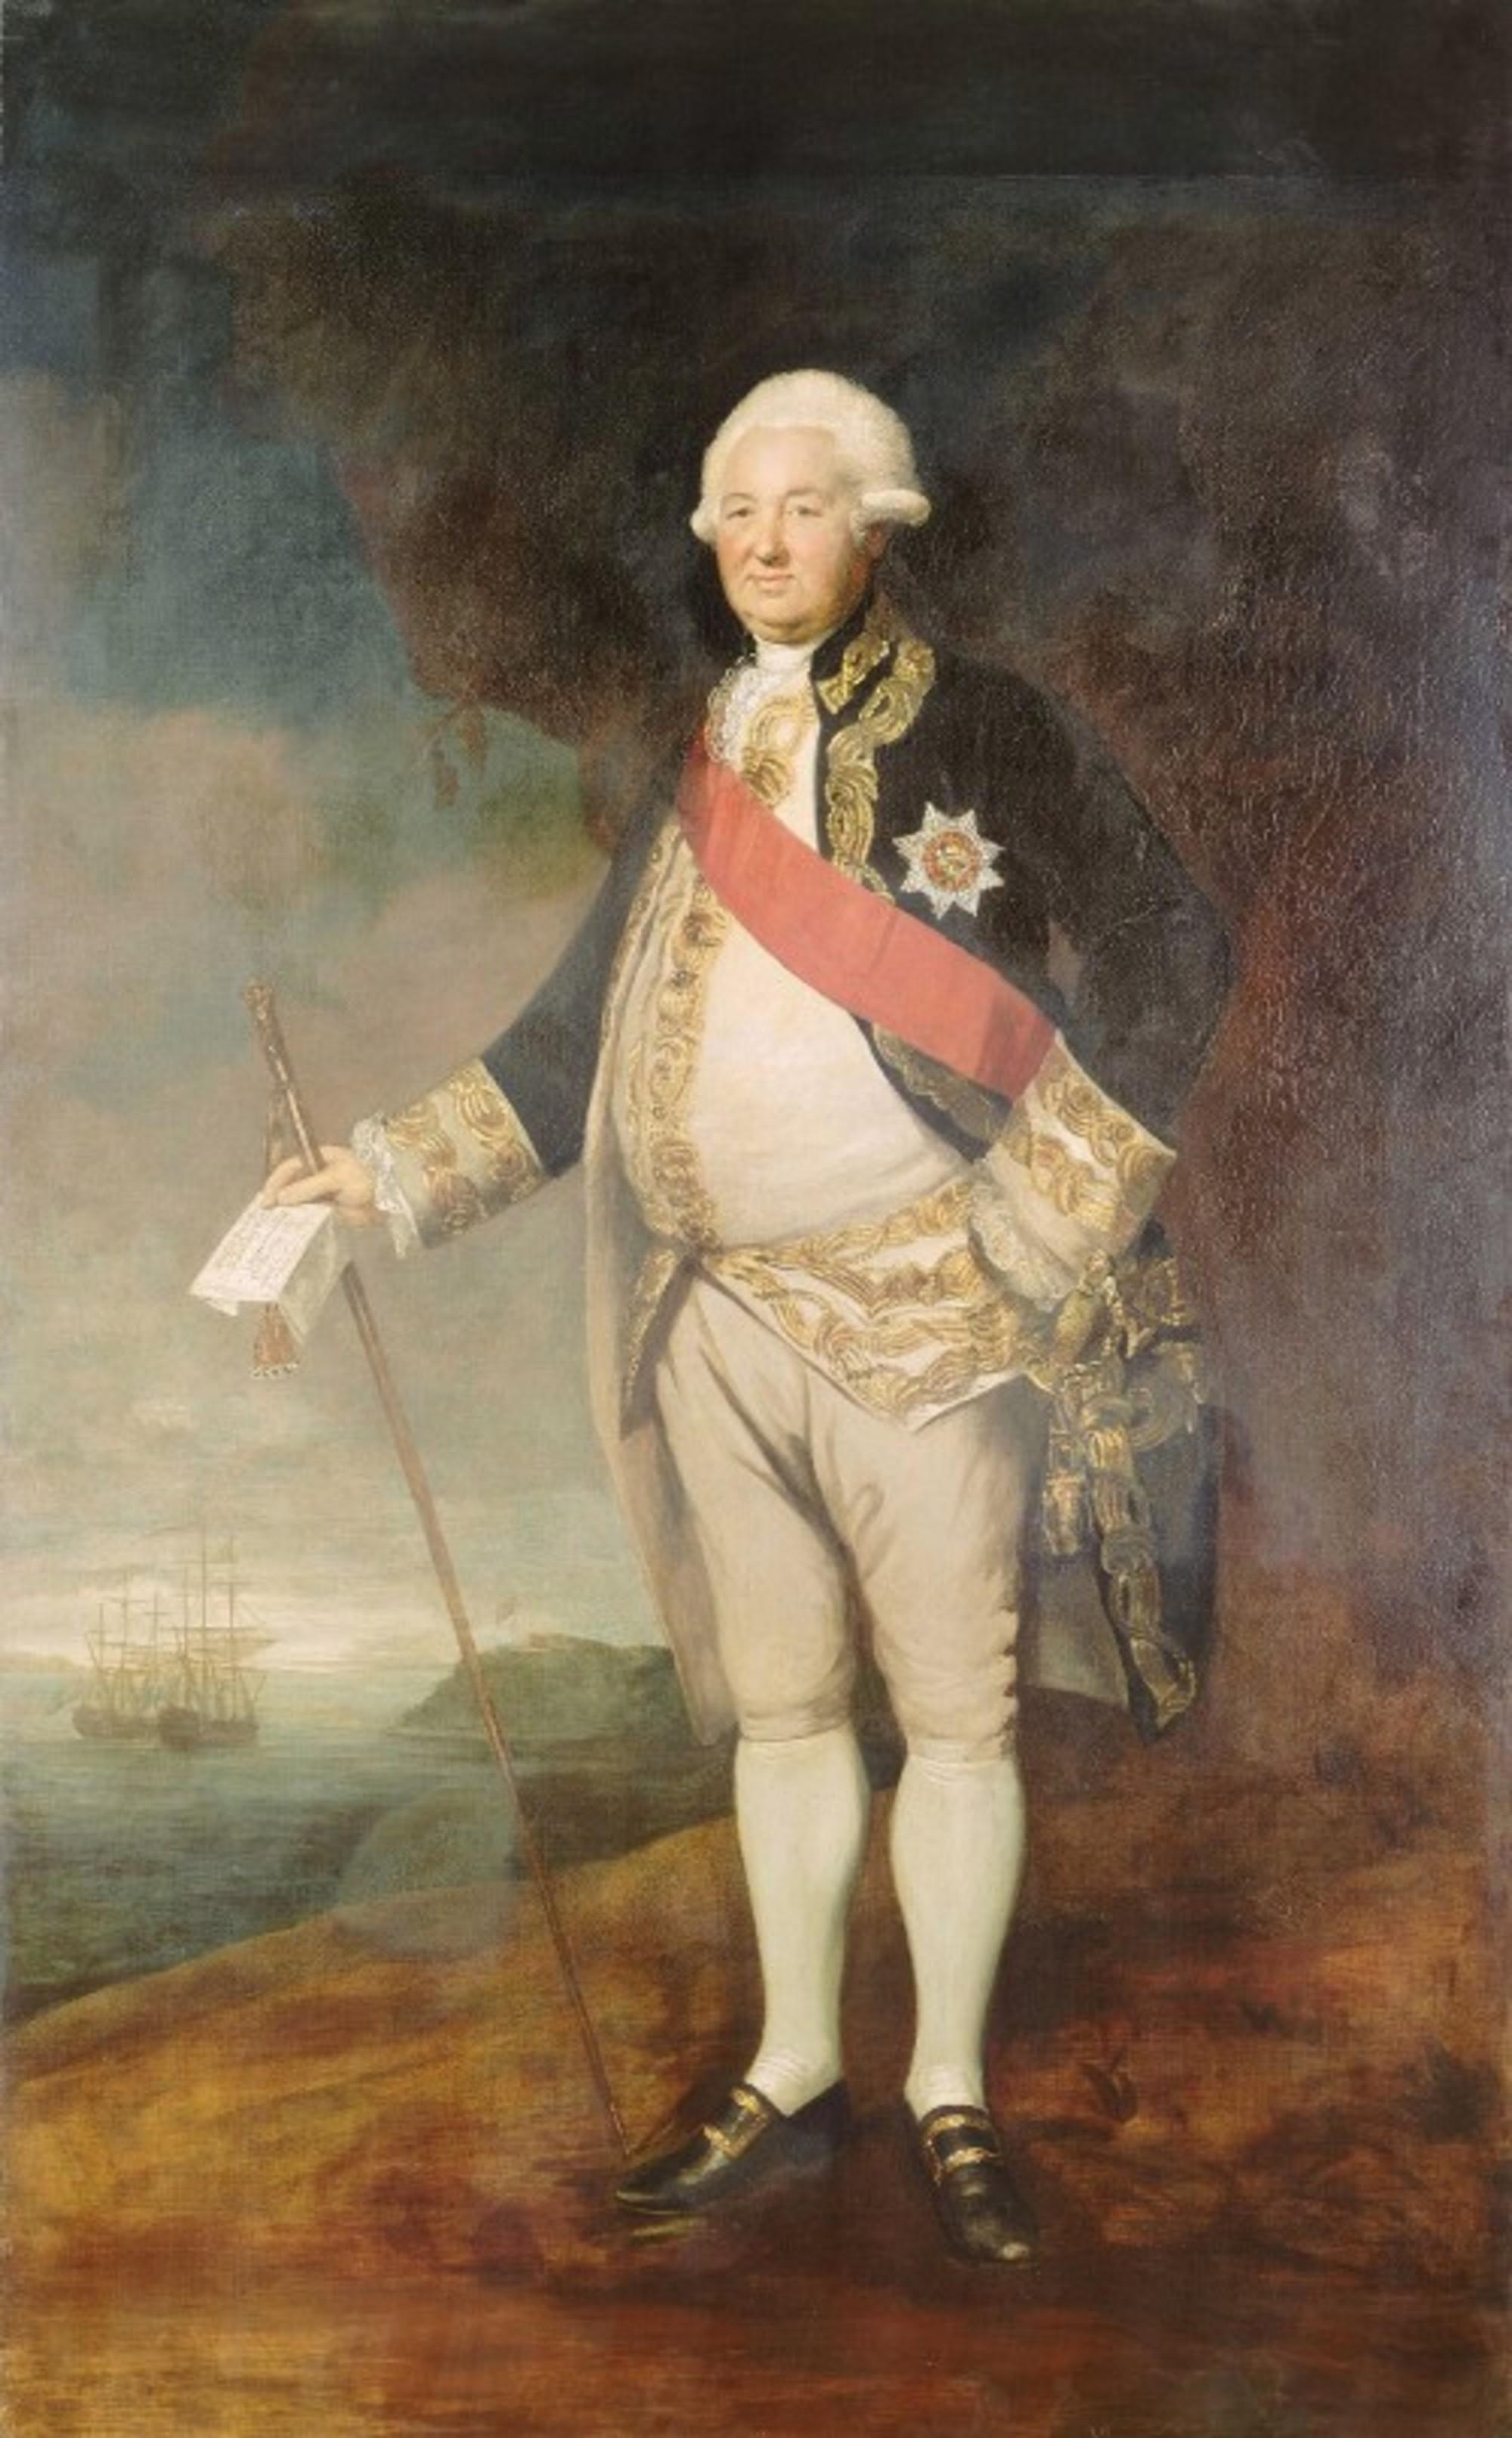 Vice-Admiral-Sir-Edward-Hughes-circa-1720-94-RMG-BHC2792.jpg